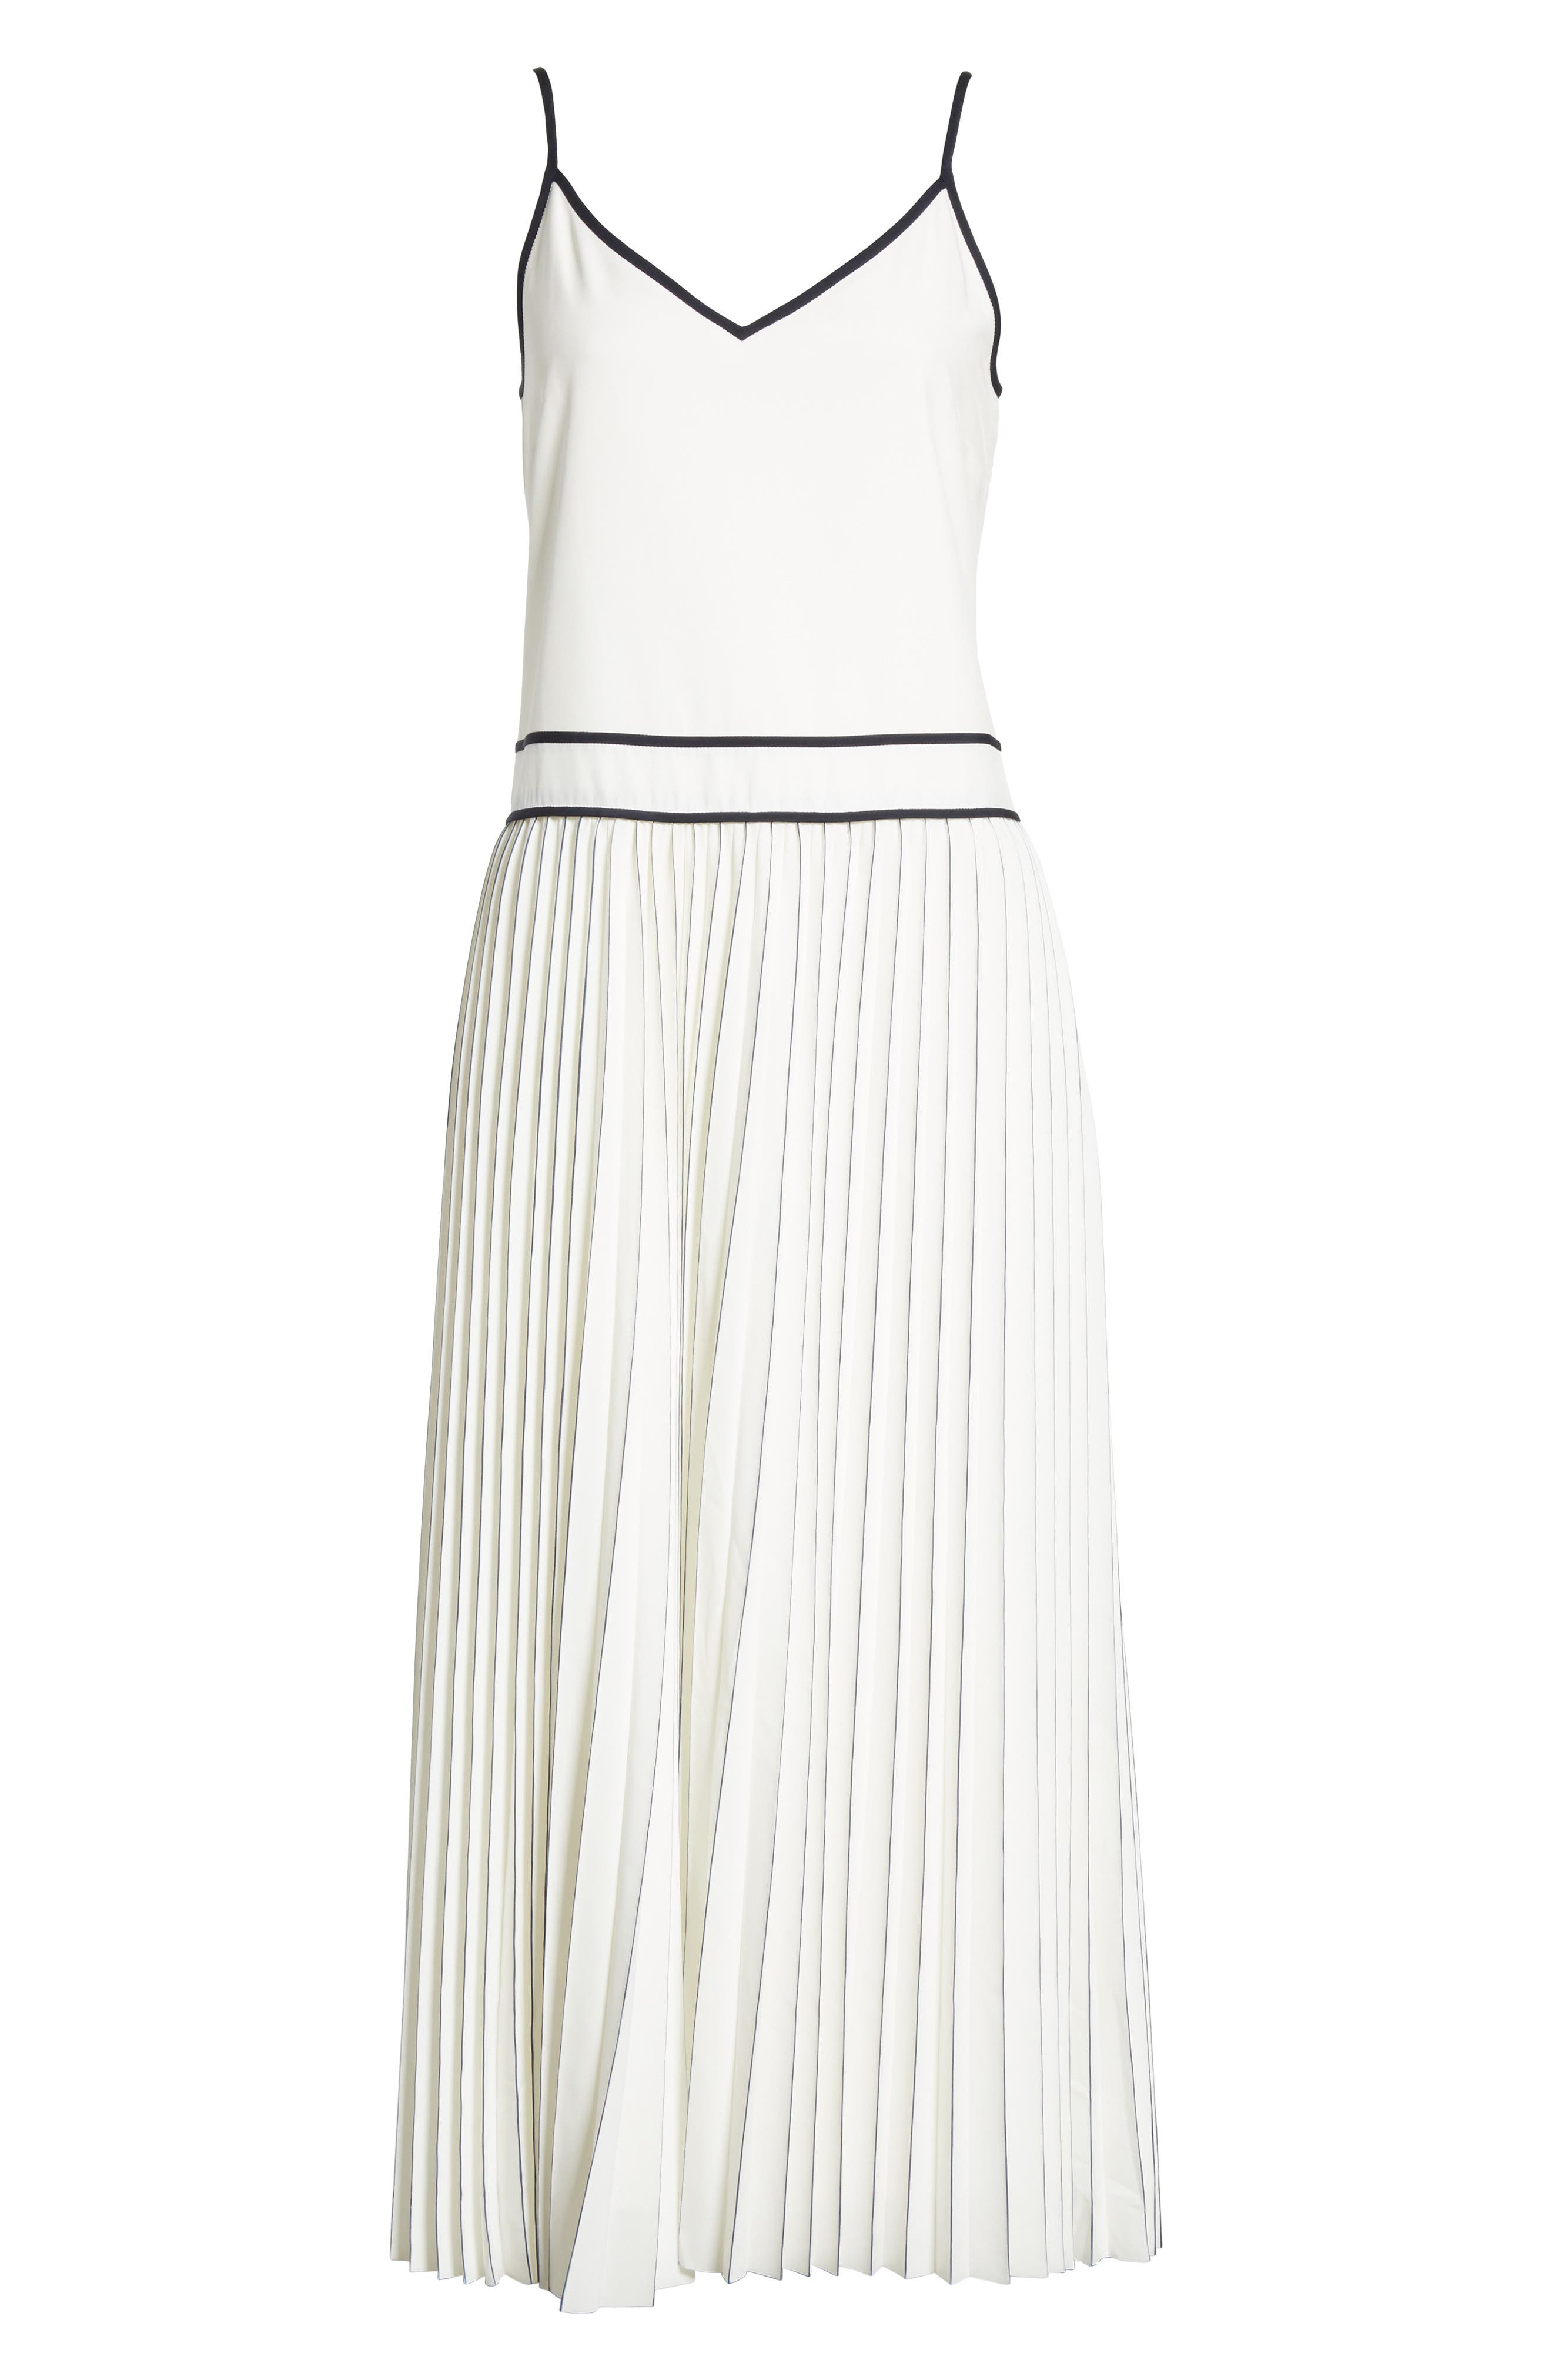 Silk Pleated Skirt Midi Dress,                             Alternate thumbnail 7, color,                             Cloud Multi